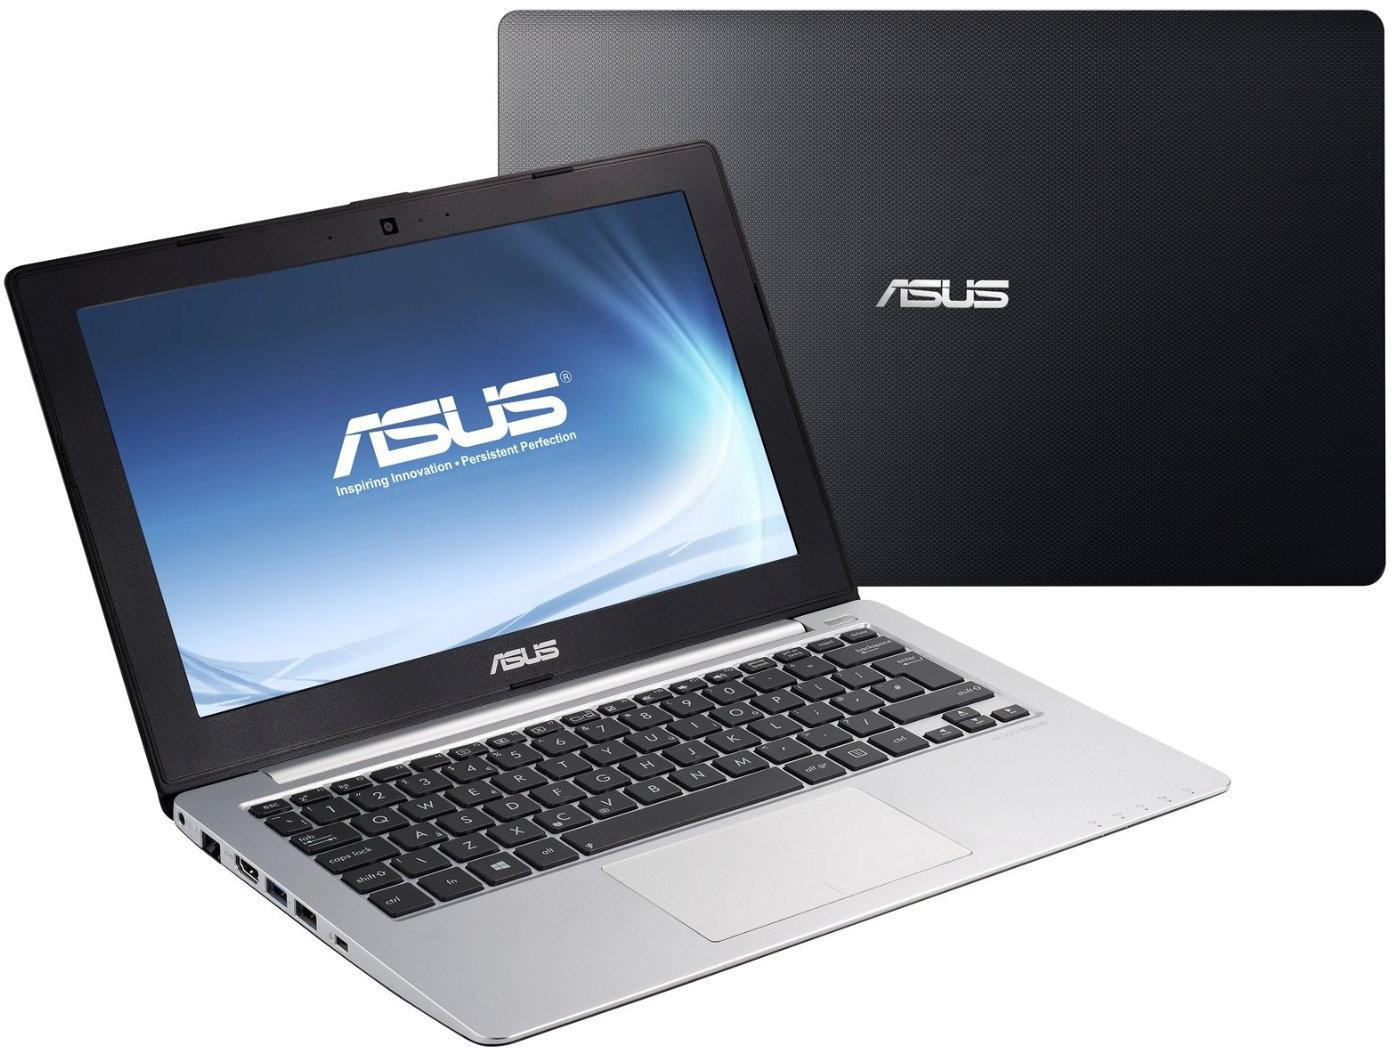 """Asus F205TA - laptop z 11,6"""" ekranem i Windows 8.1 za 199,99 dolar�w?"""